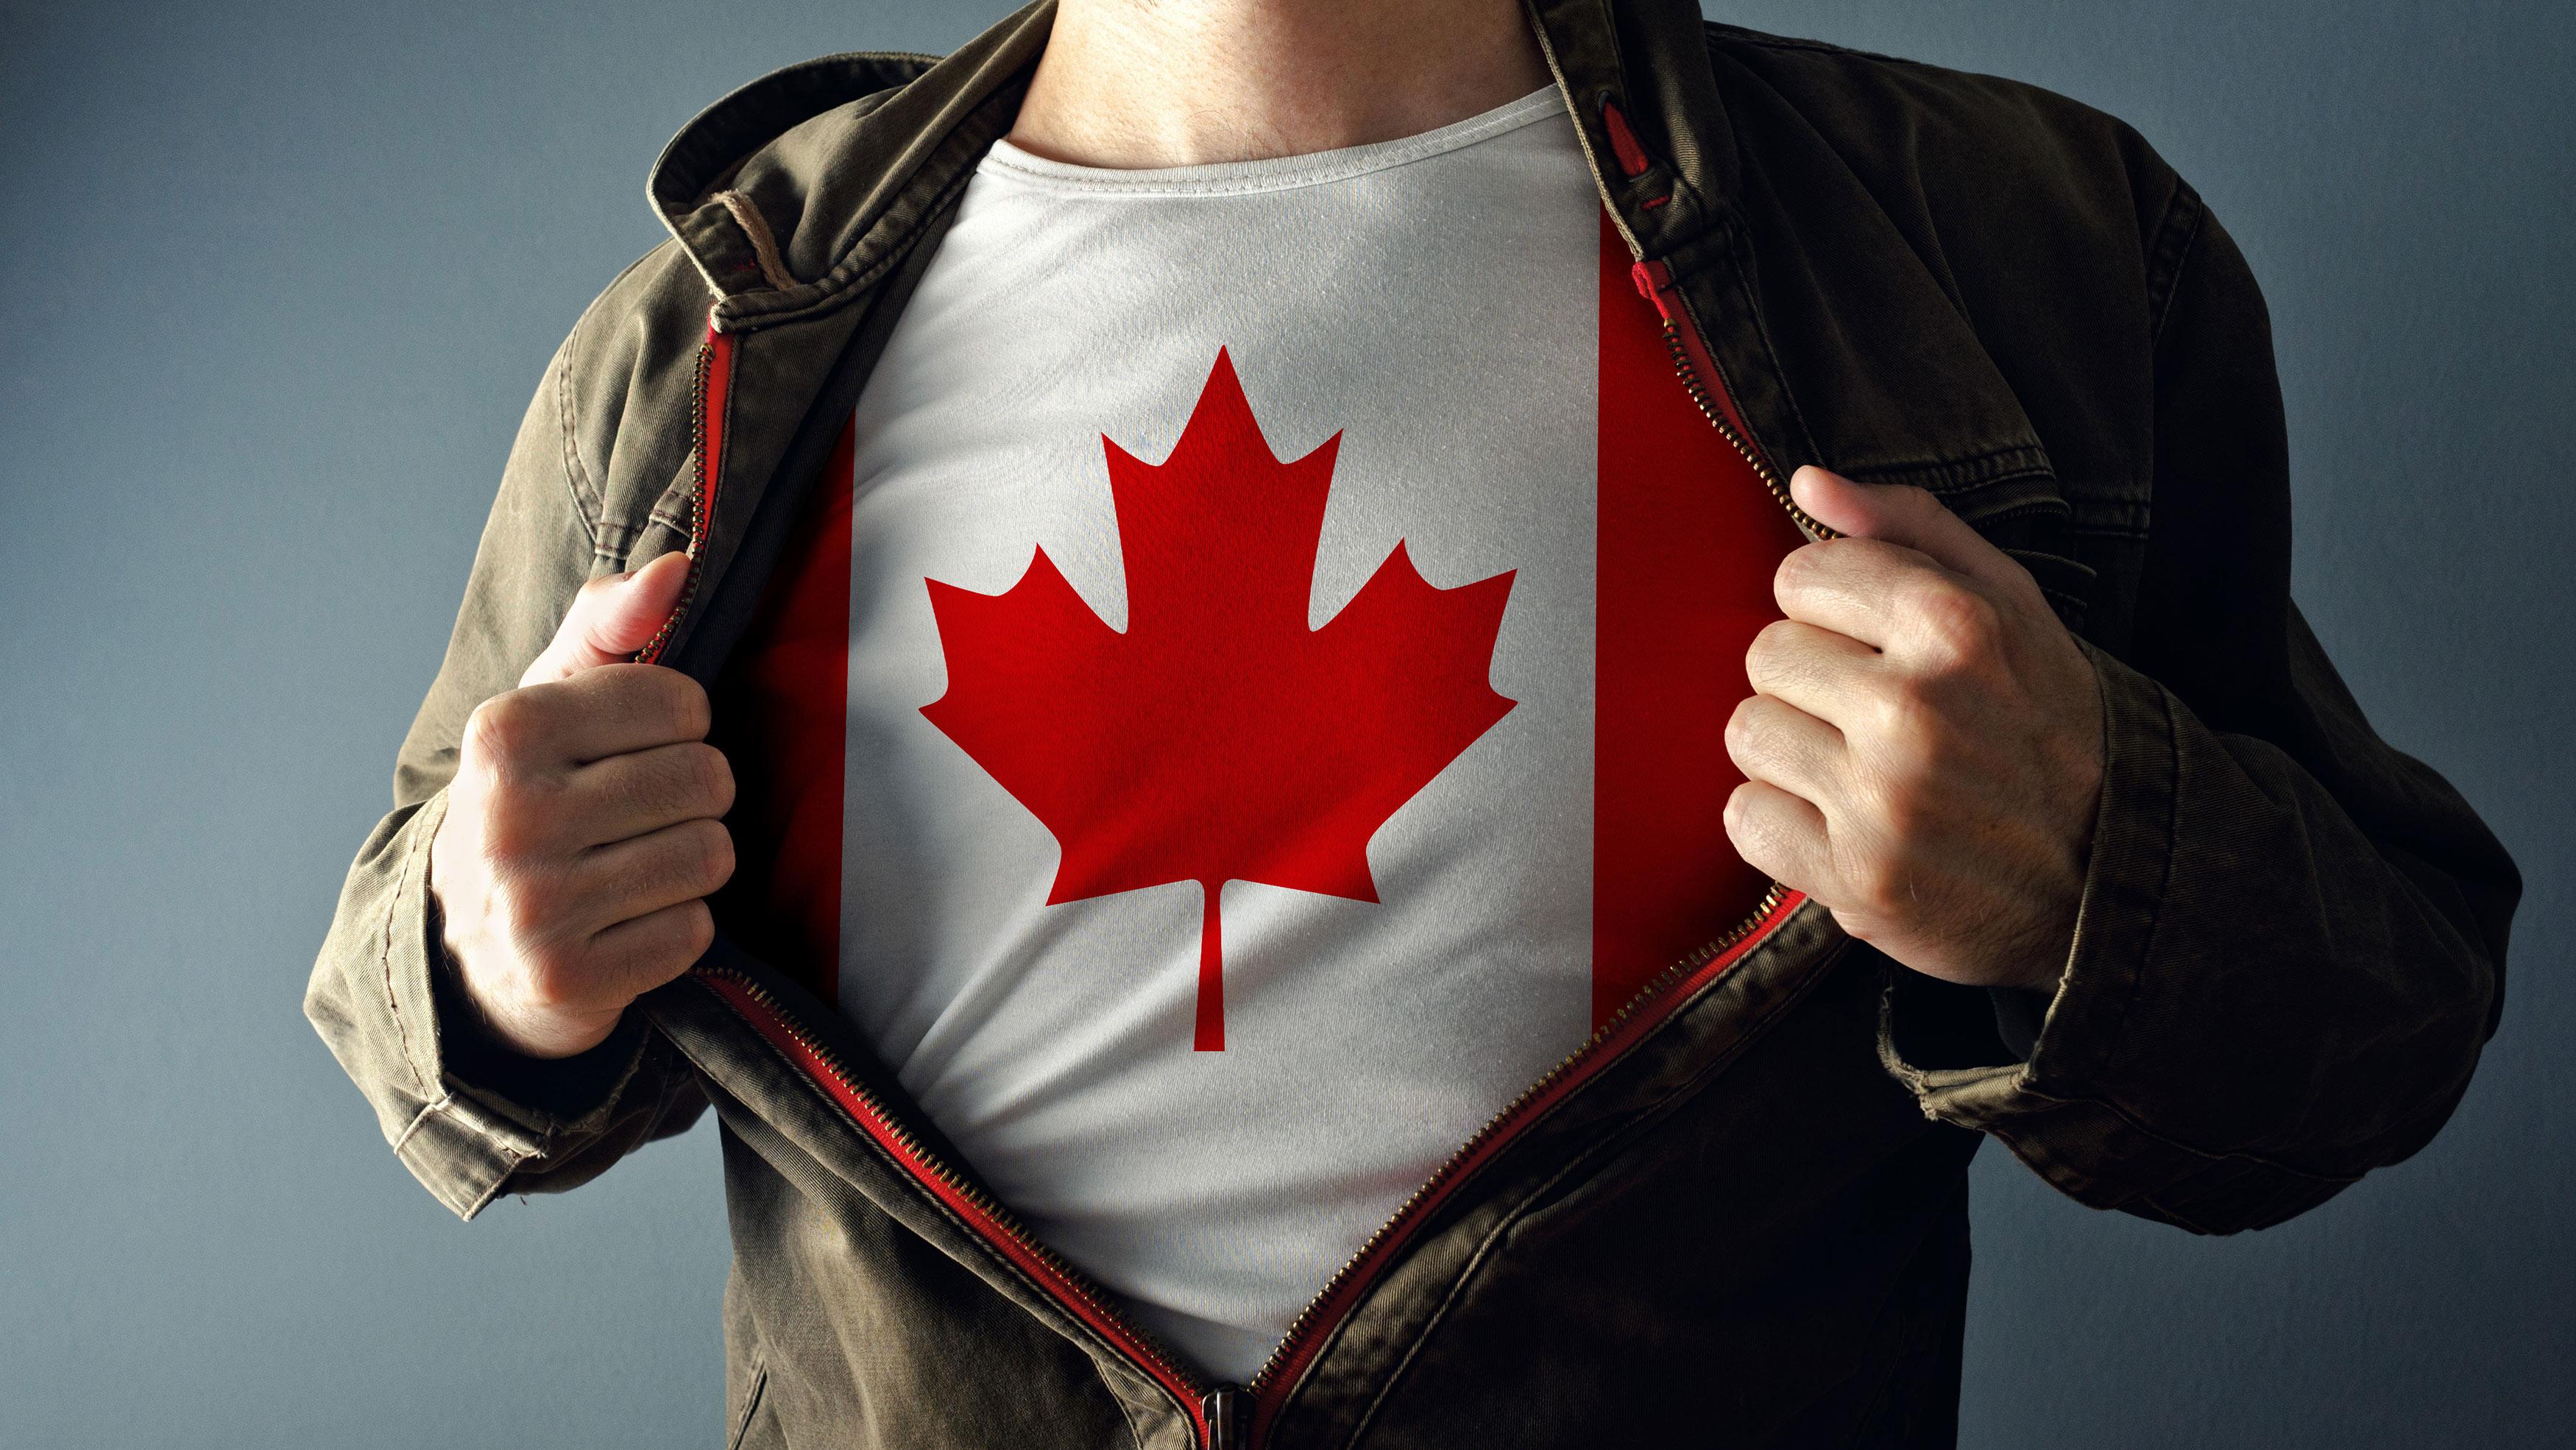 <html>  <head></head>  <body>   <p>Vous avez terminé les démarches administratives et vous êtes prêts à immigrer au Canada ? C'est une bonne nouvelle. Mais êtes-vous sûr d'avoir tous les outils à votre disposition pour bien vous intégrer au pays ? Pour être sûr de pouvoir communiquer en anglais, que ce soit au quotidien ou au sein de votre travail, pensez à suivre des cours d'anglais pour adultes. Vous n'avez pas forcément besoin de prendre des cours en groupe : il est possible de suivre des cours particuliers en ligne, par Skype ou par téléphone.</p>   </body> </html>